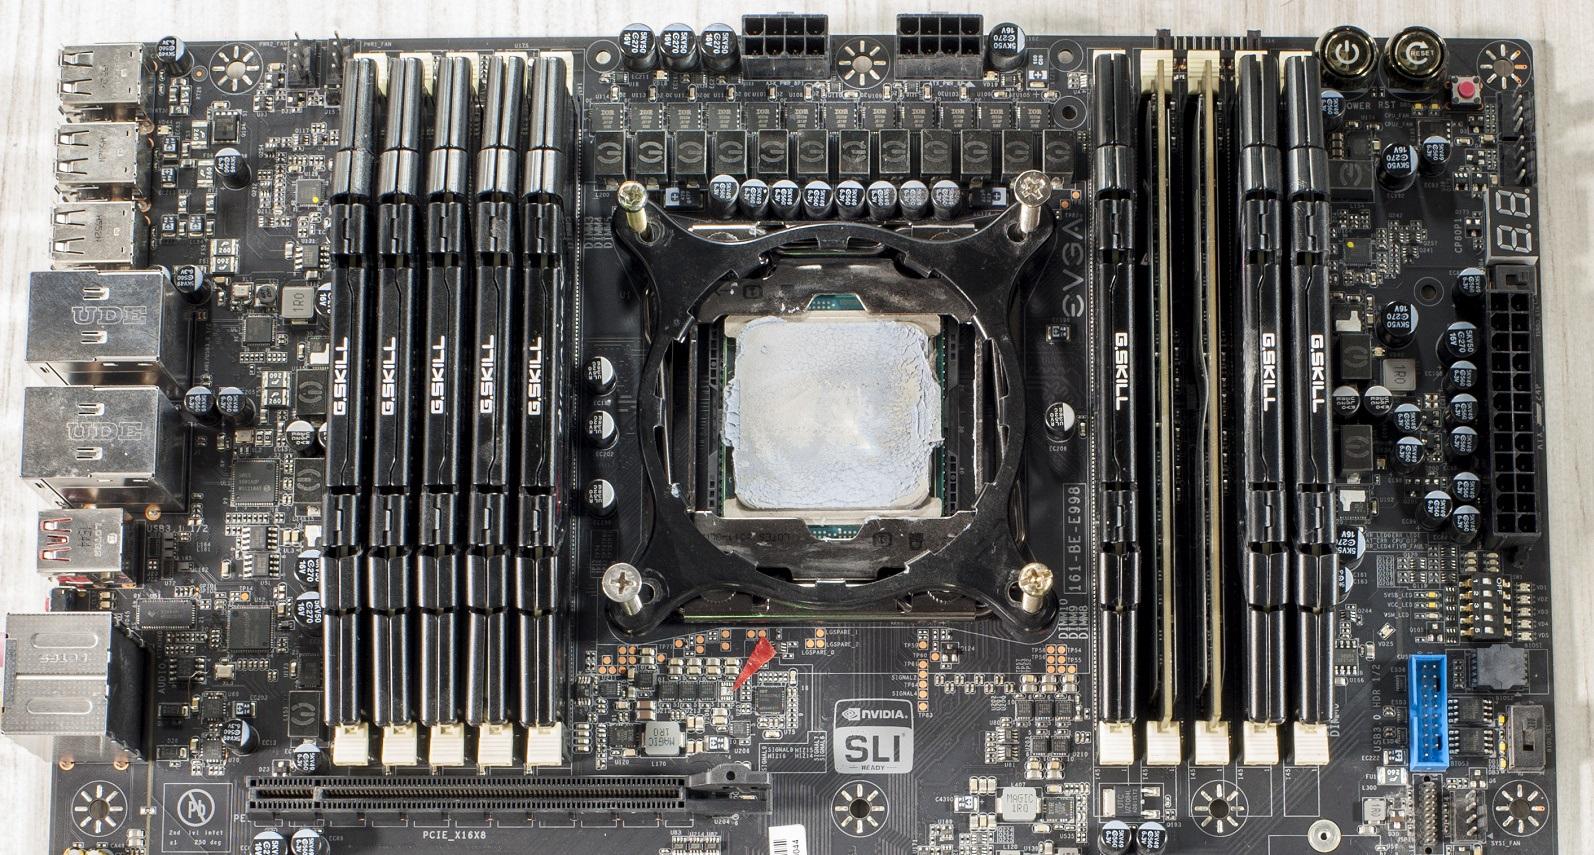 Прототип гигантской системной платы EVGA с 10 слотами для оперативной памяти